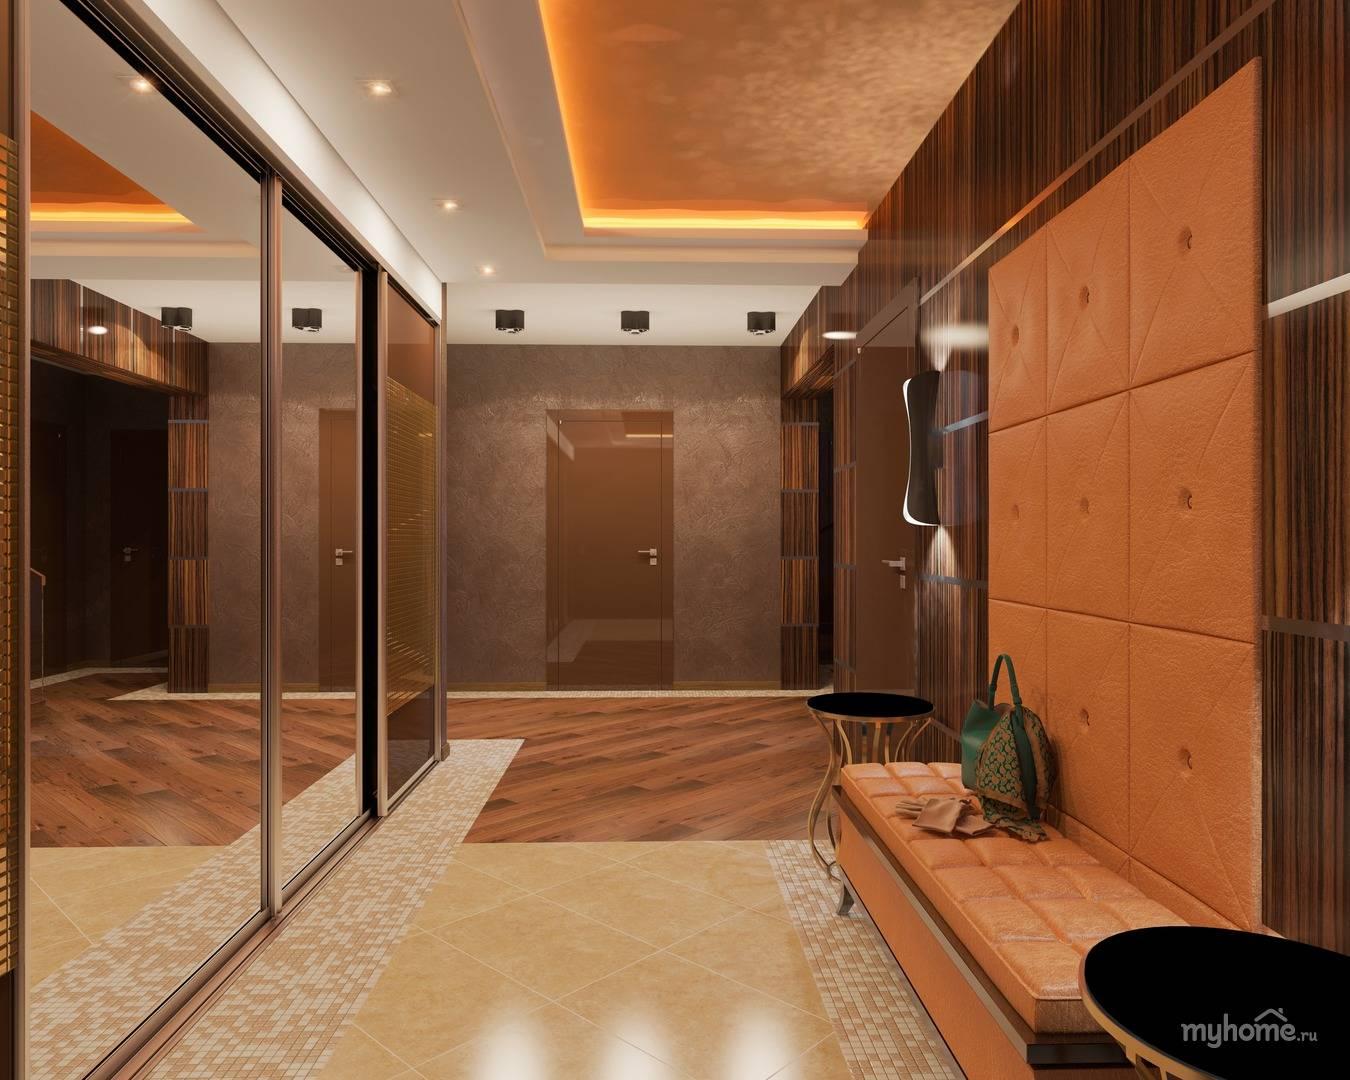 группы большая прихожая фото с длинным коридором особенность